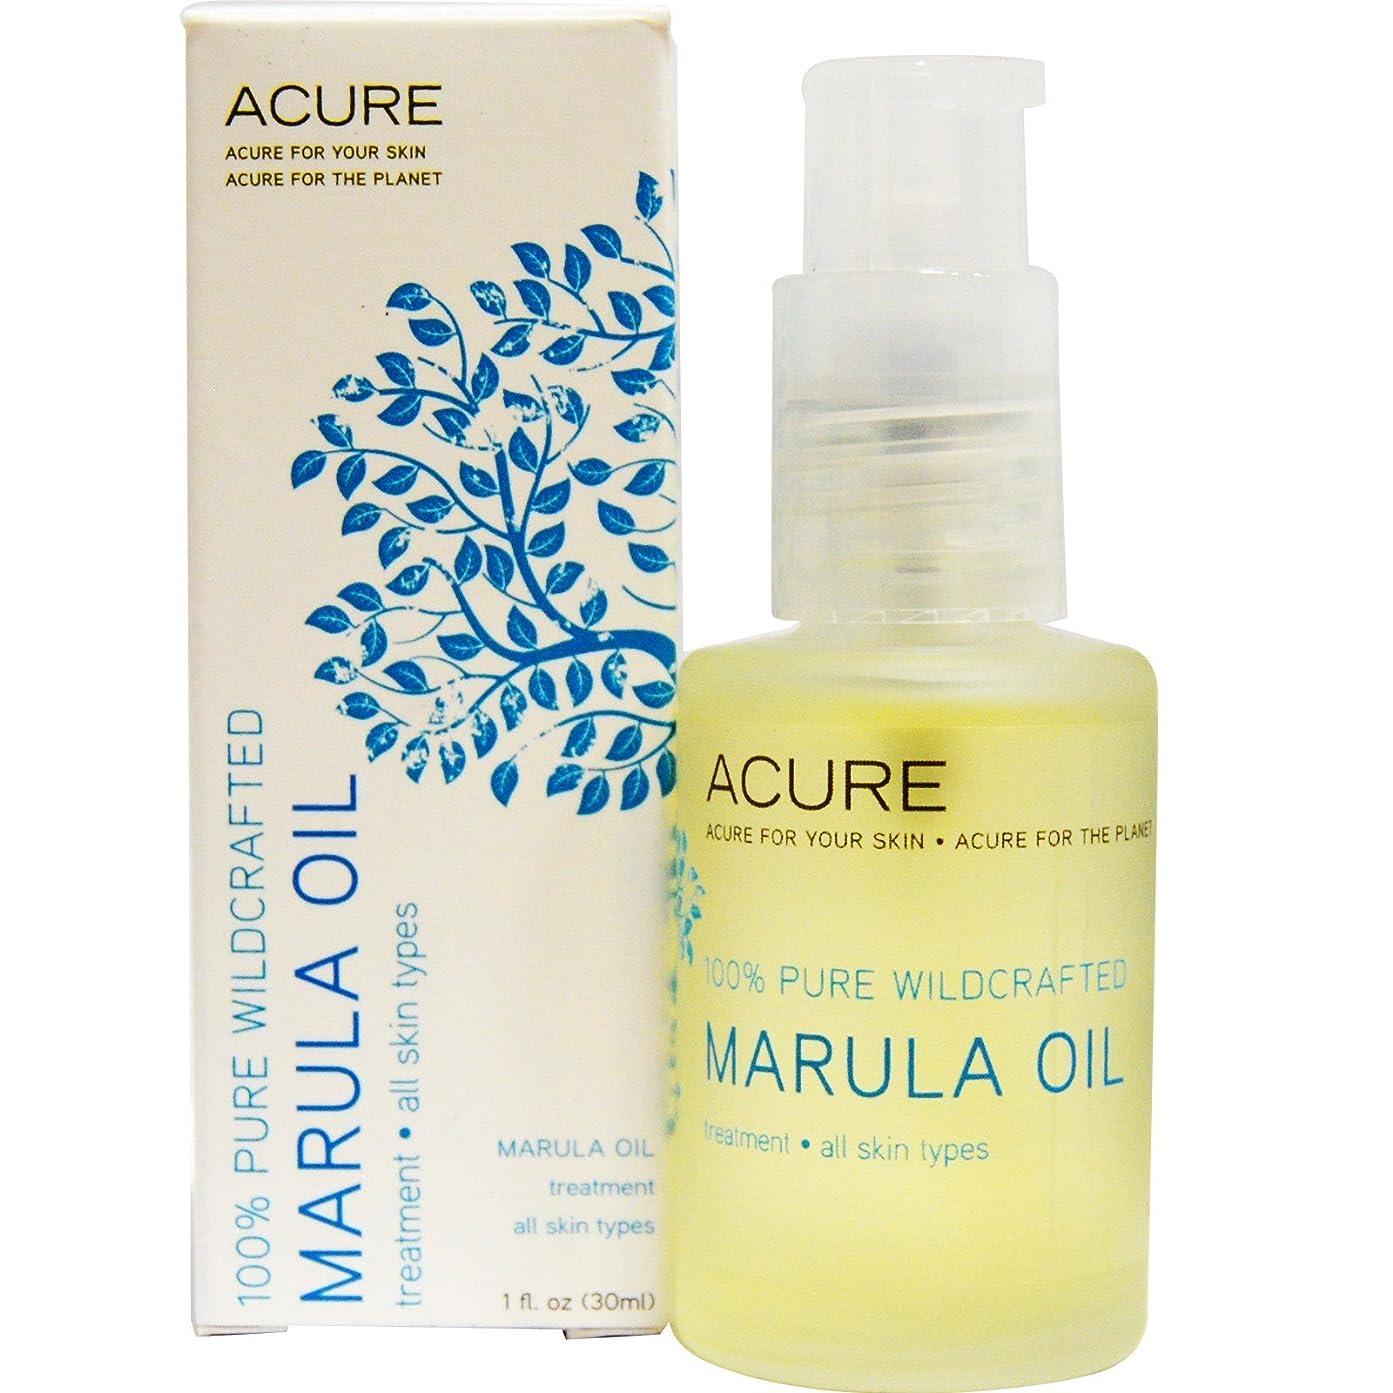 ファウル進行中エクスタシーAcure Organics, Marula Oil, ジ?エッセンシャルズ、マルーラオイル 1 oz (30 ml)